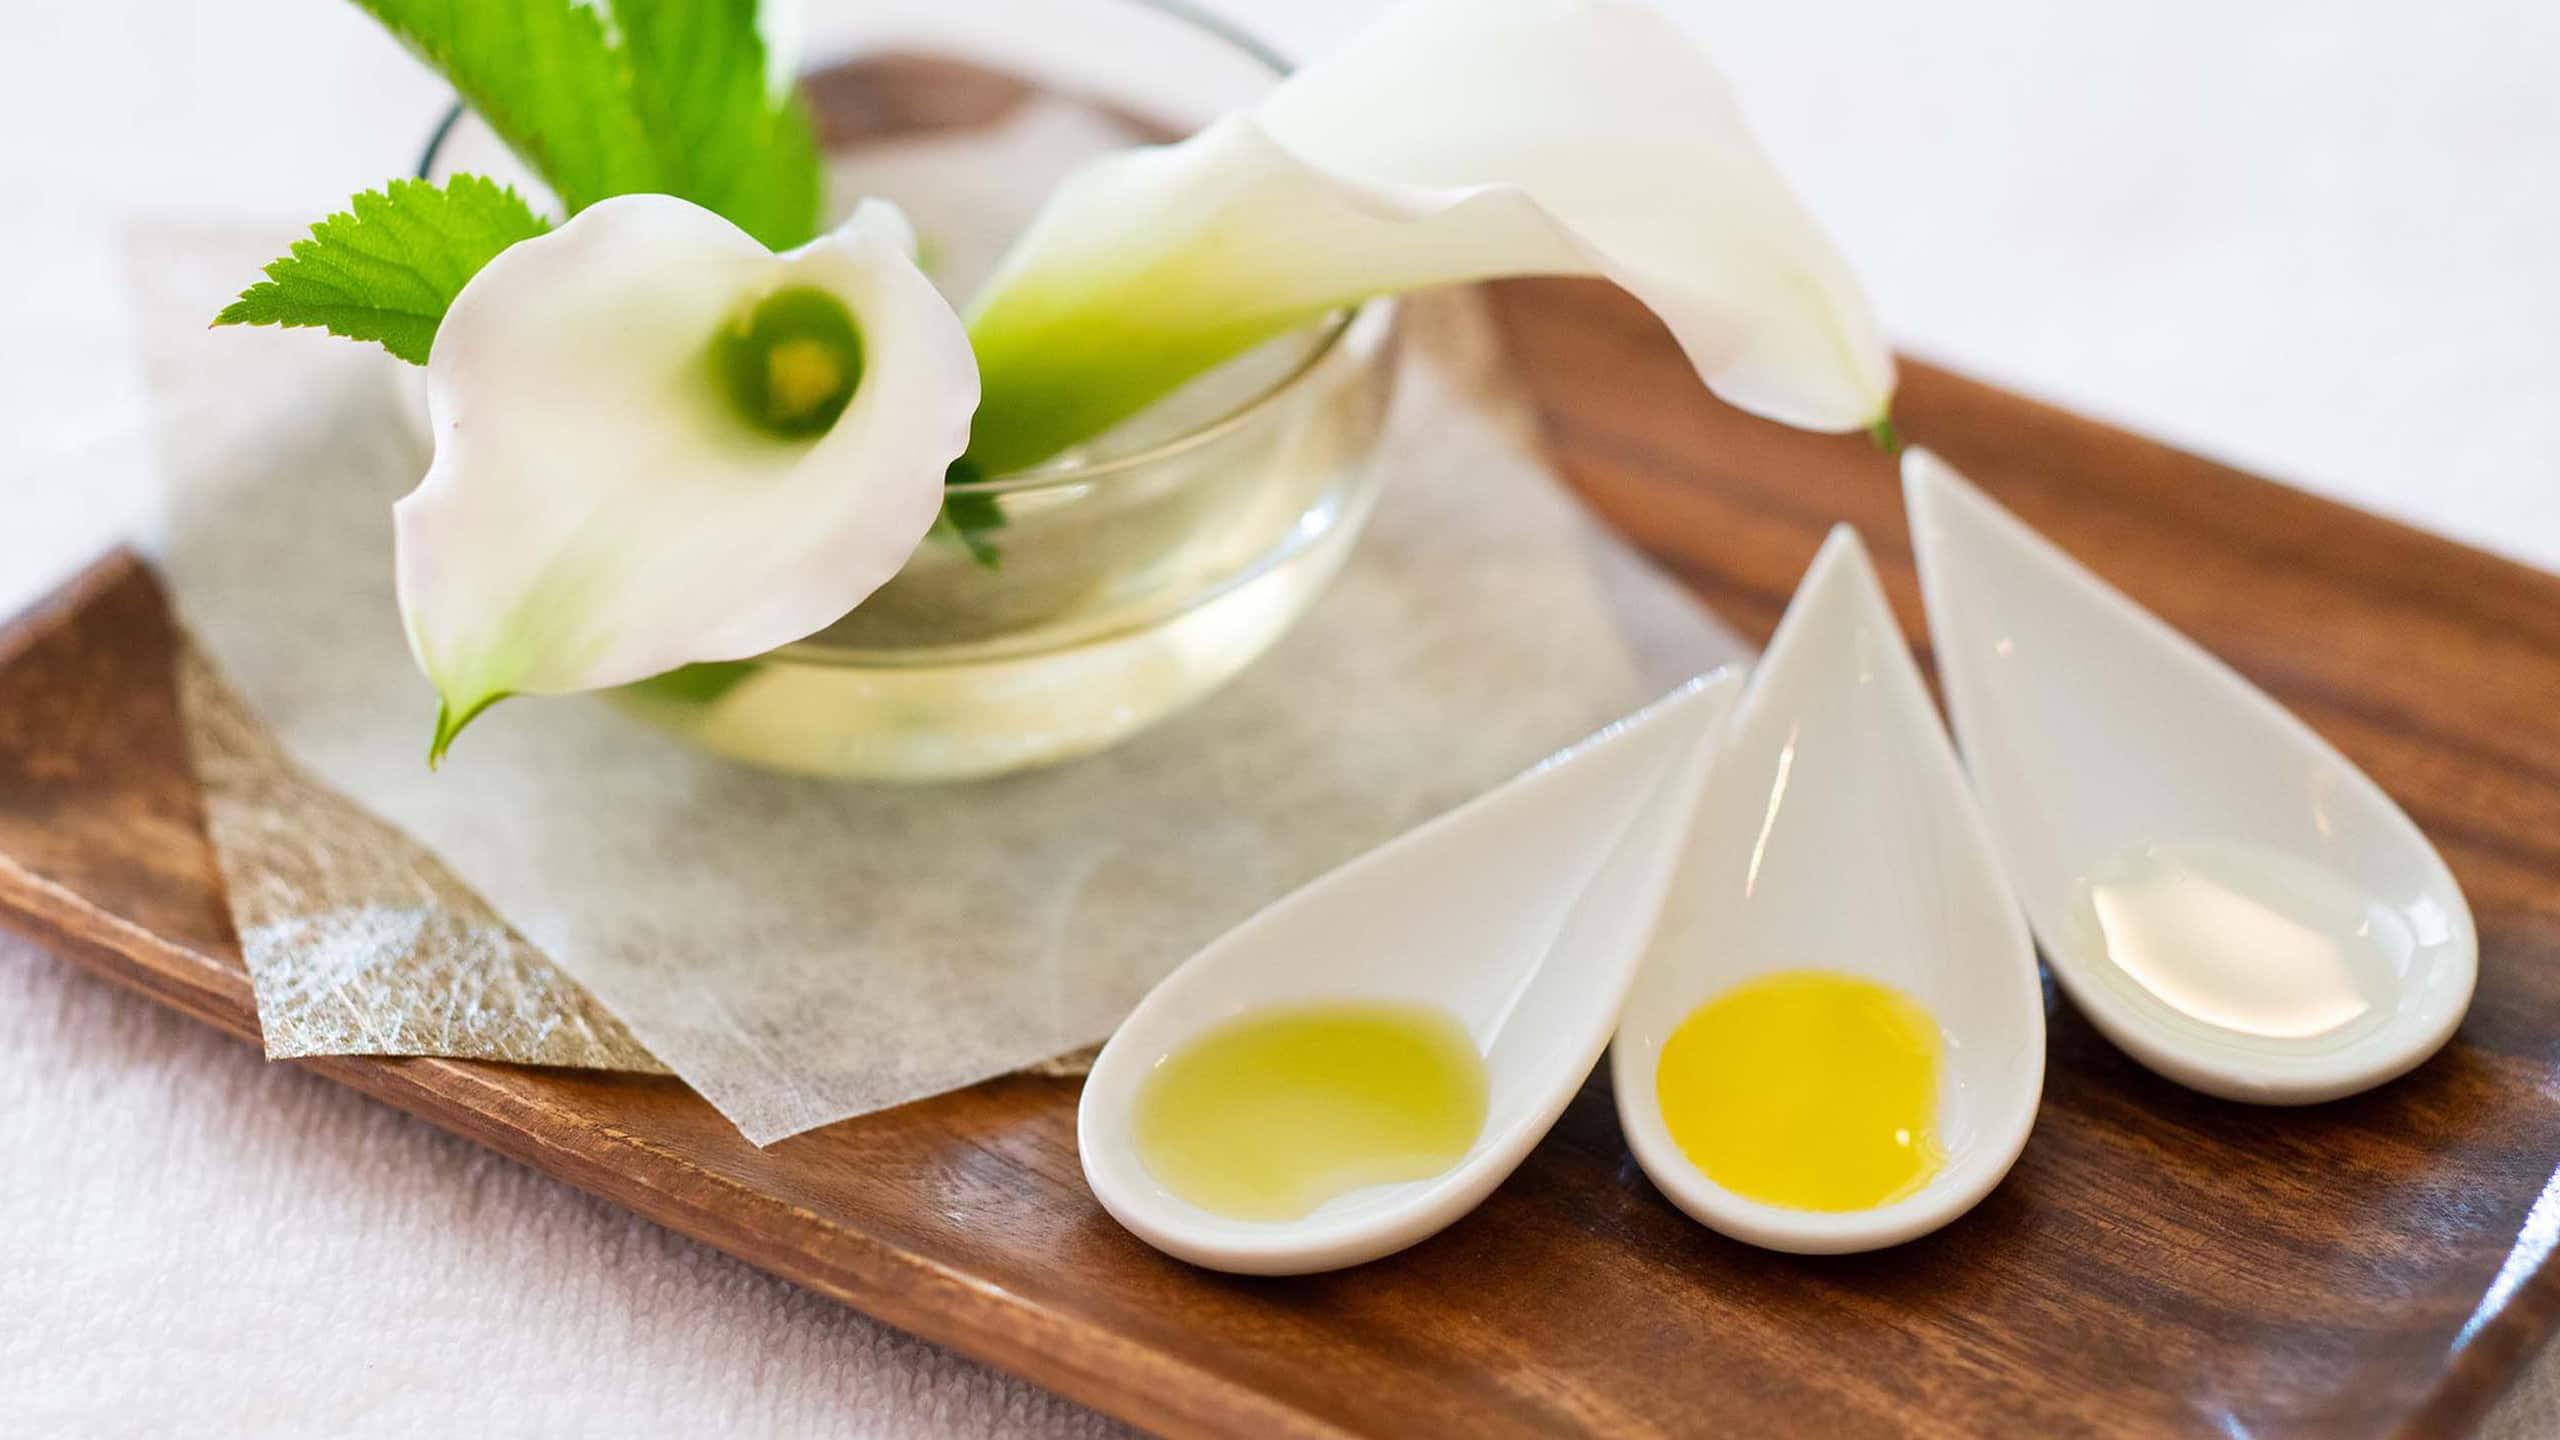 Hyatt Regency Hakone Resort & Spa| Izumi original seed oil